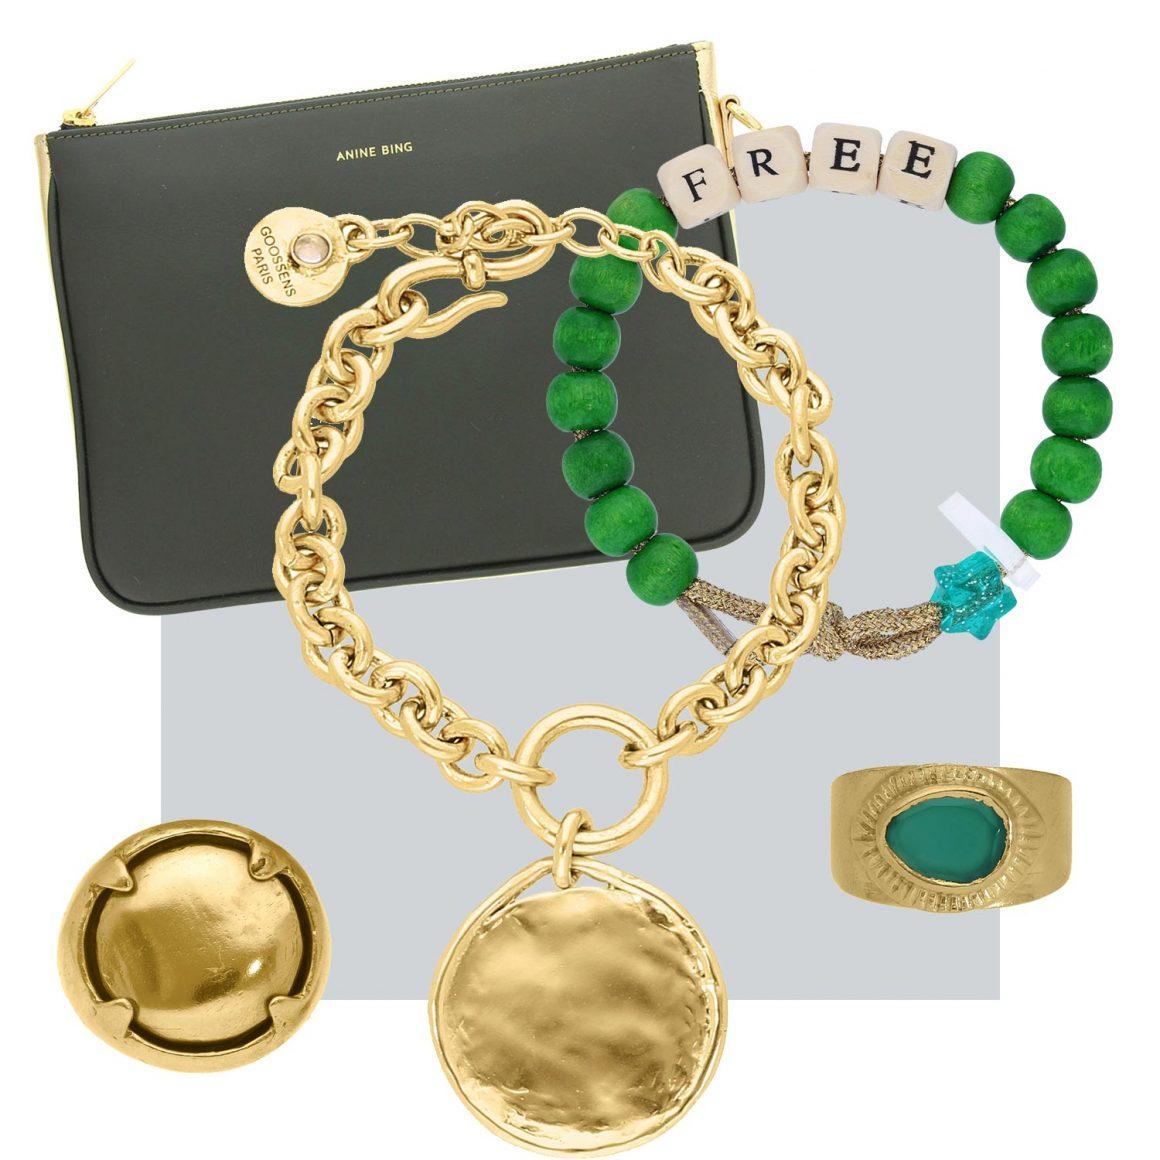 Sélection d'articles à porter avec le bracelet Love Beads de Lauren Rubinski